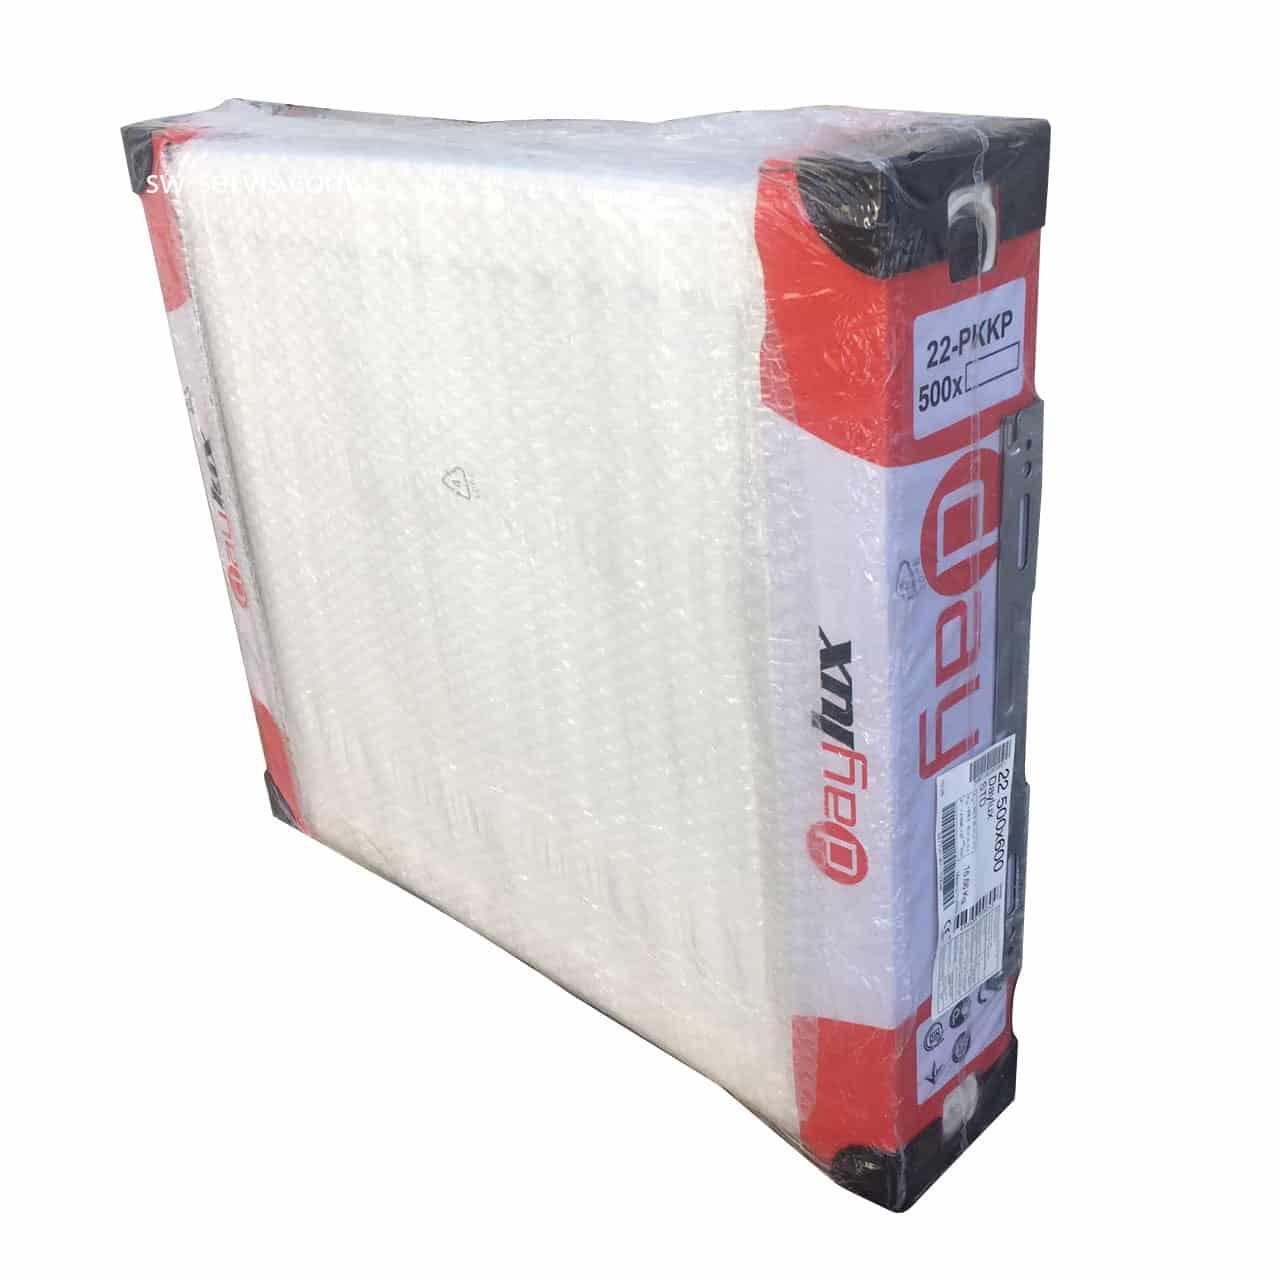 Сталевий радіатор тип 22 600*700 daylux